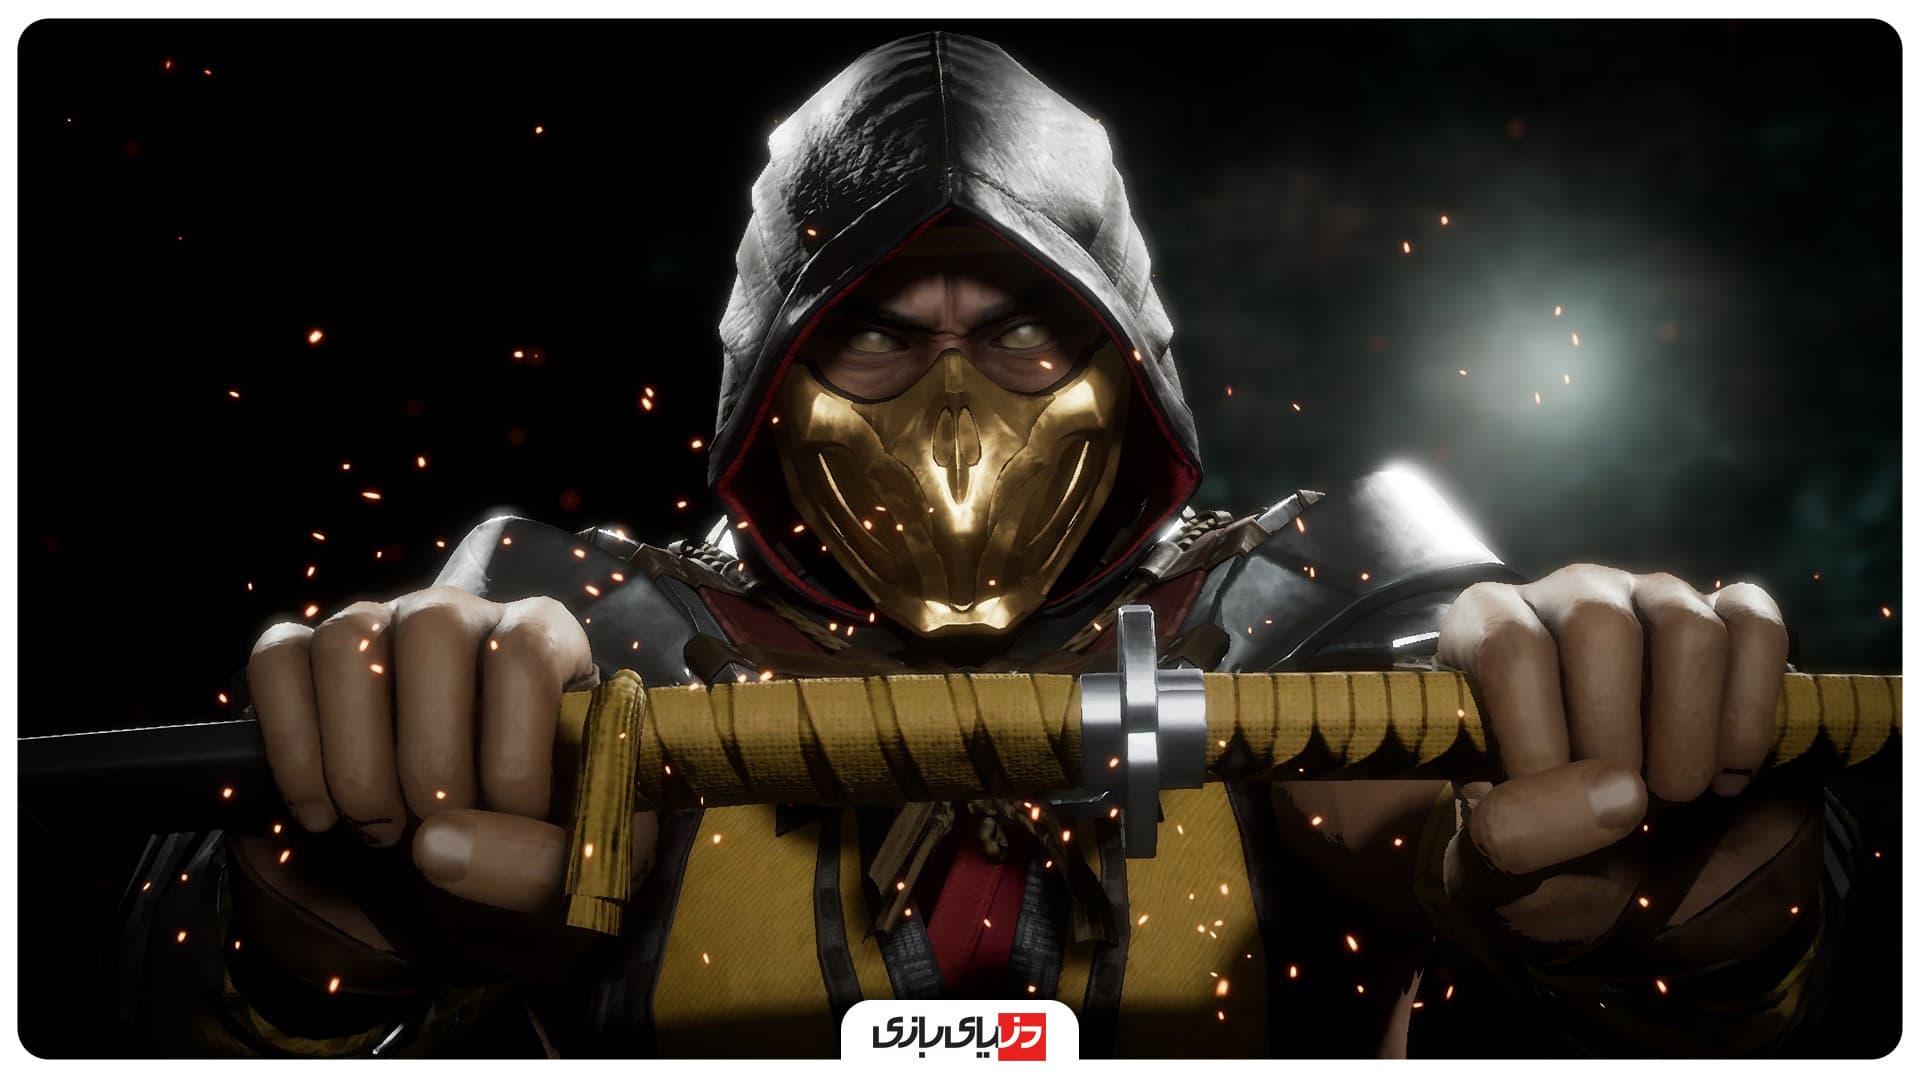 بازیهای دو نفره pc - مورتال کمبت 11 (Mortal Kombat 11)